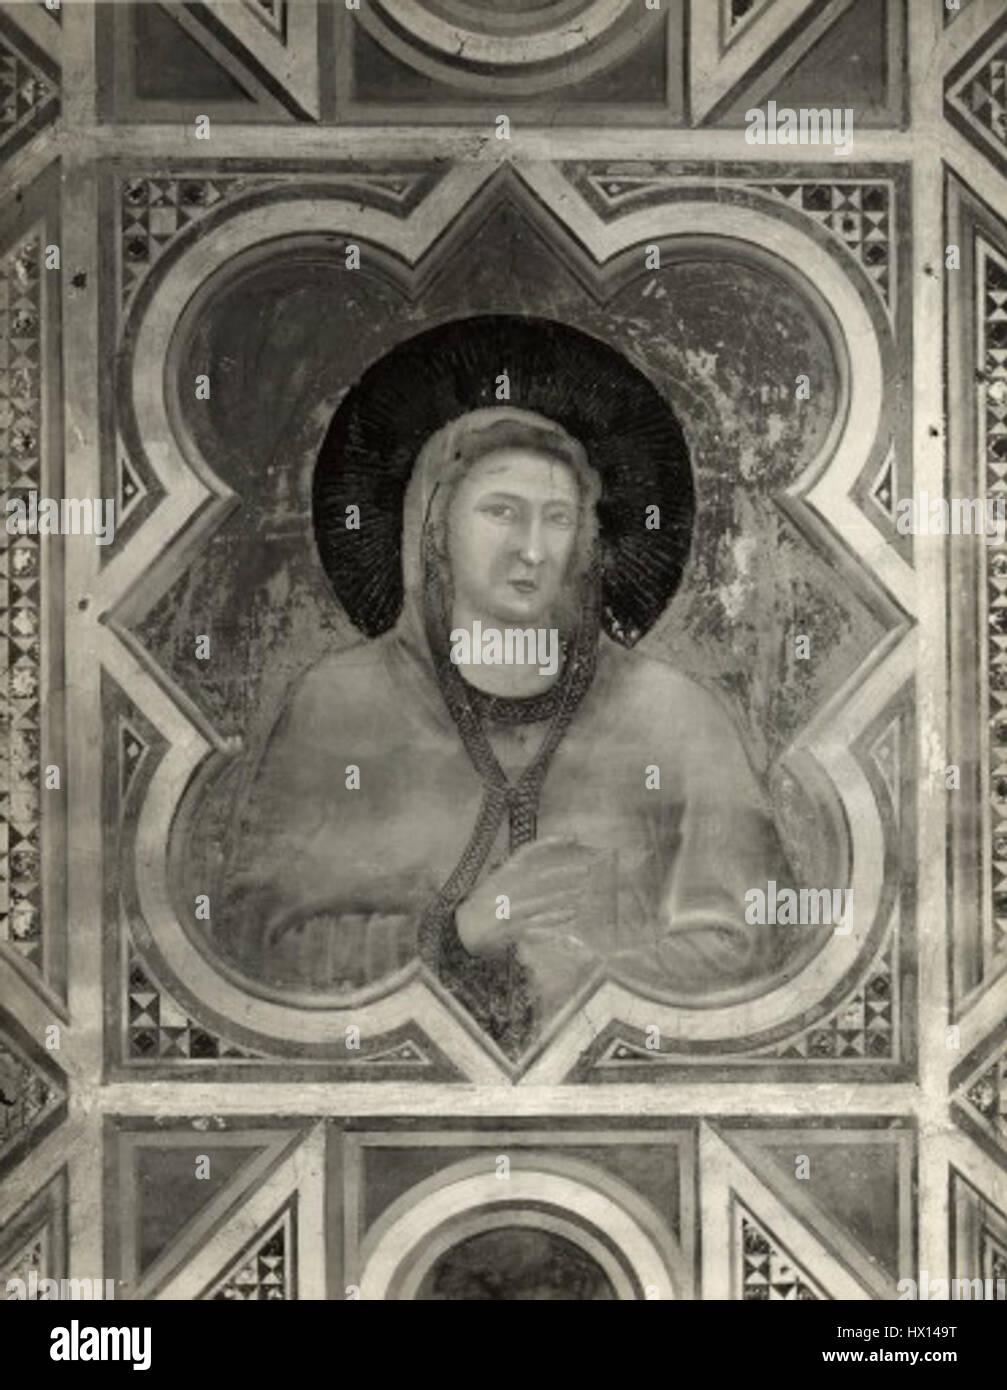 Giotto, motivo decorativo 07 Immagini Stock